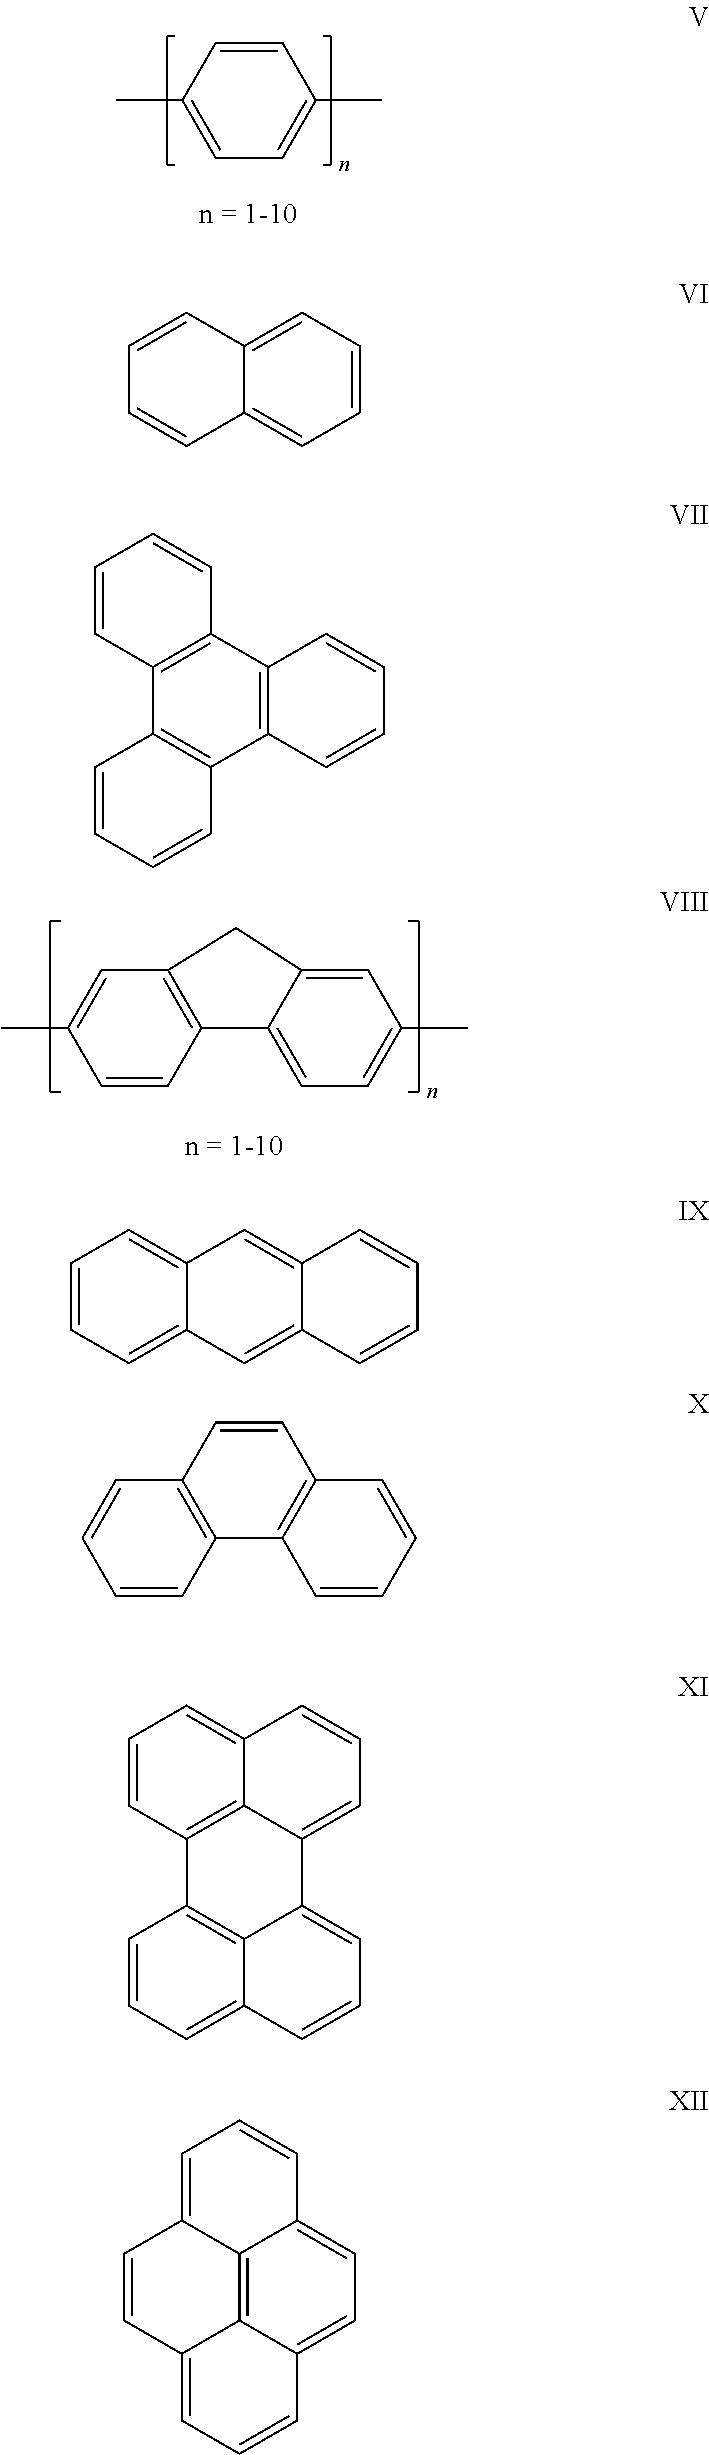 Figure US08105700-20120131-C00009